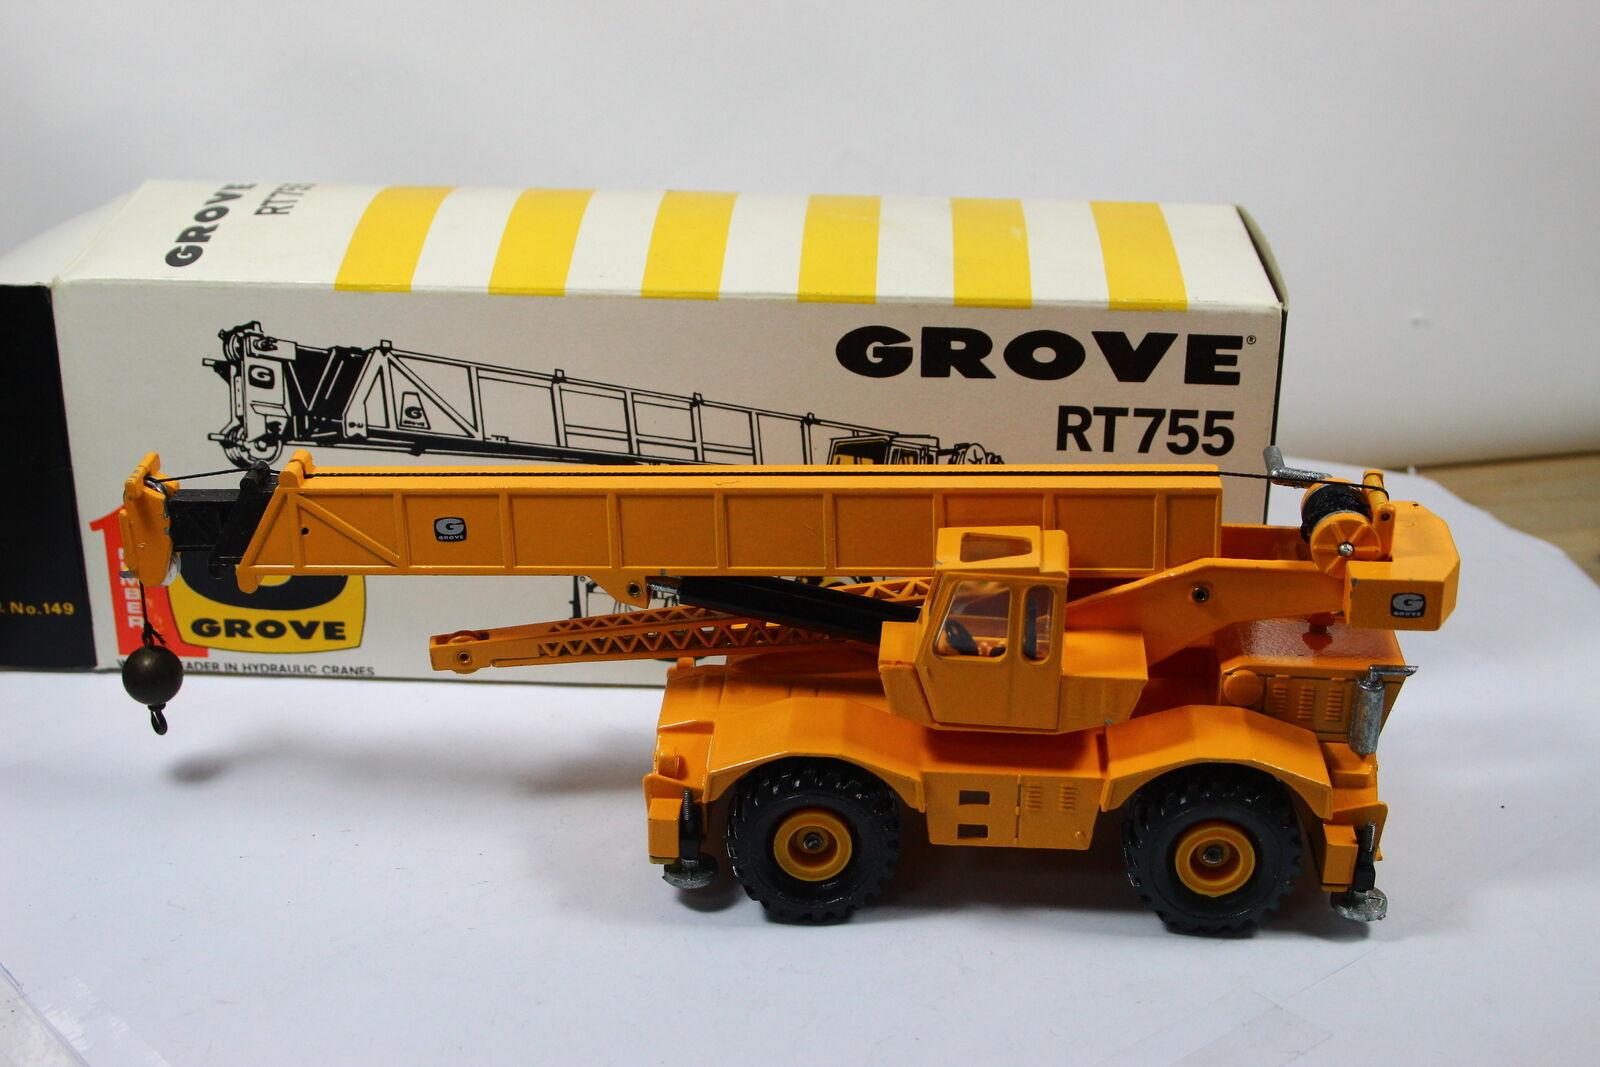 mejor precio NZG 149 149 149 Grove autokran RT 755 1 50 werbemodell OVP  Entrega gratuita y rápida disponible.